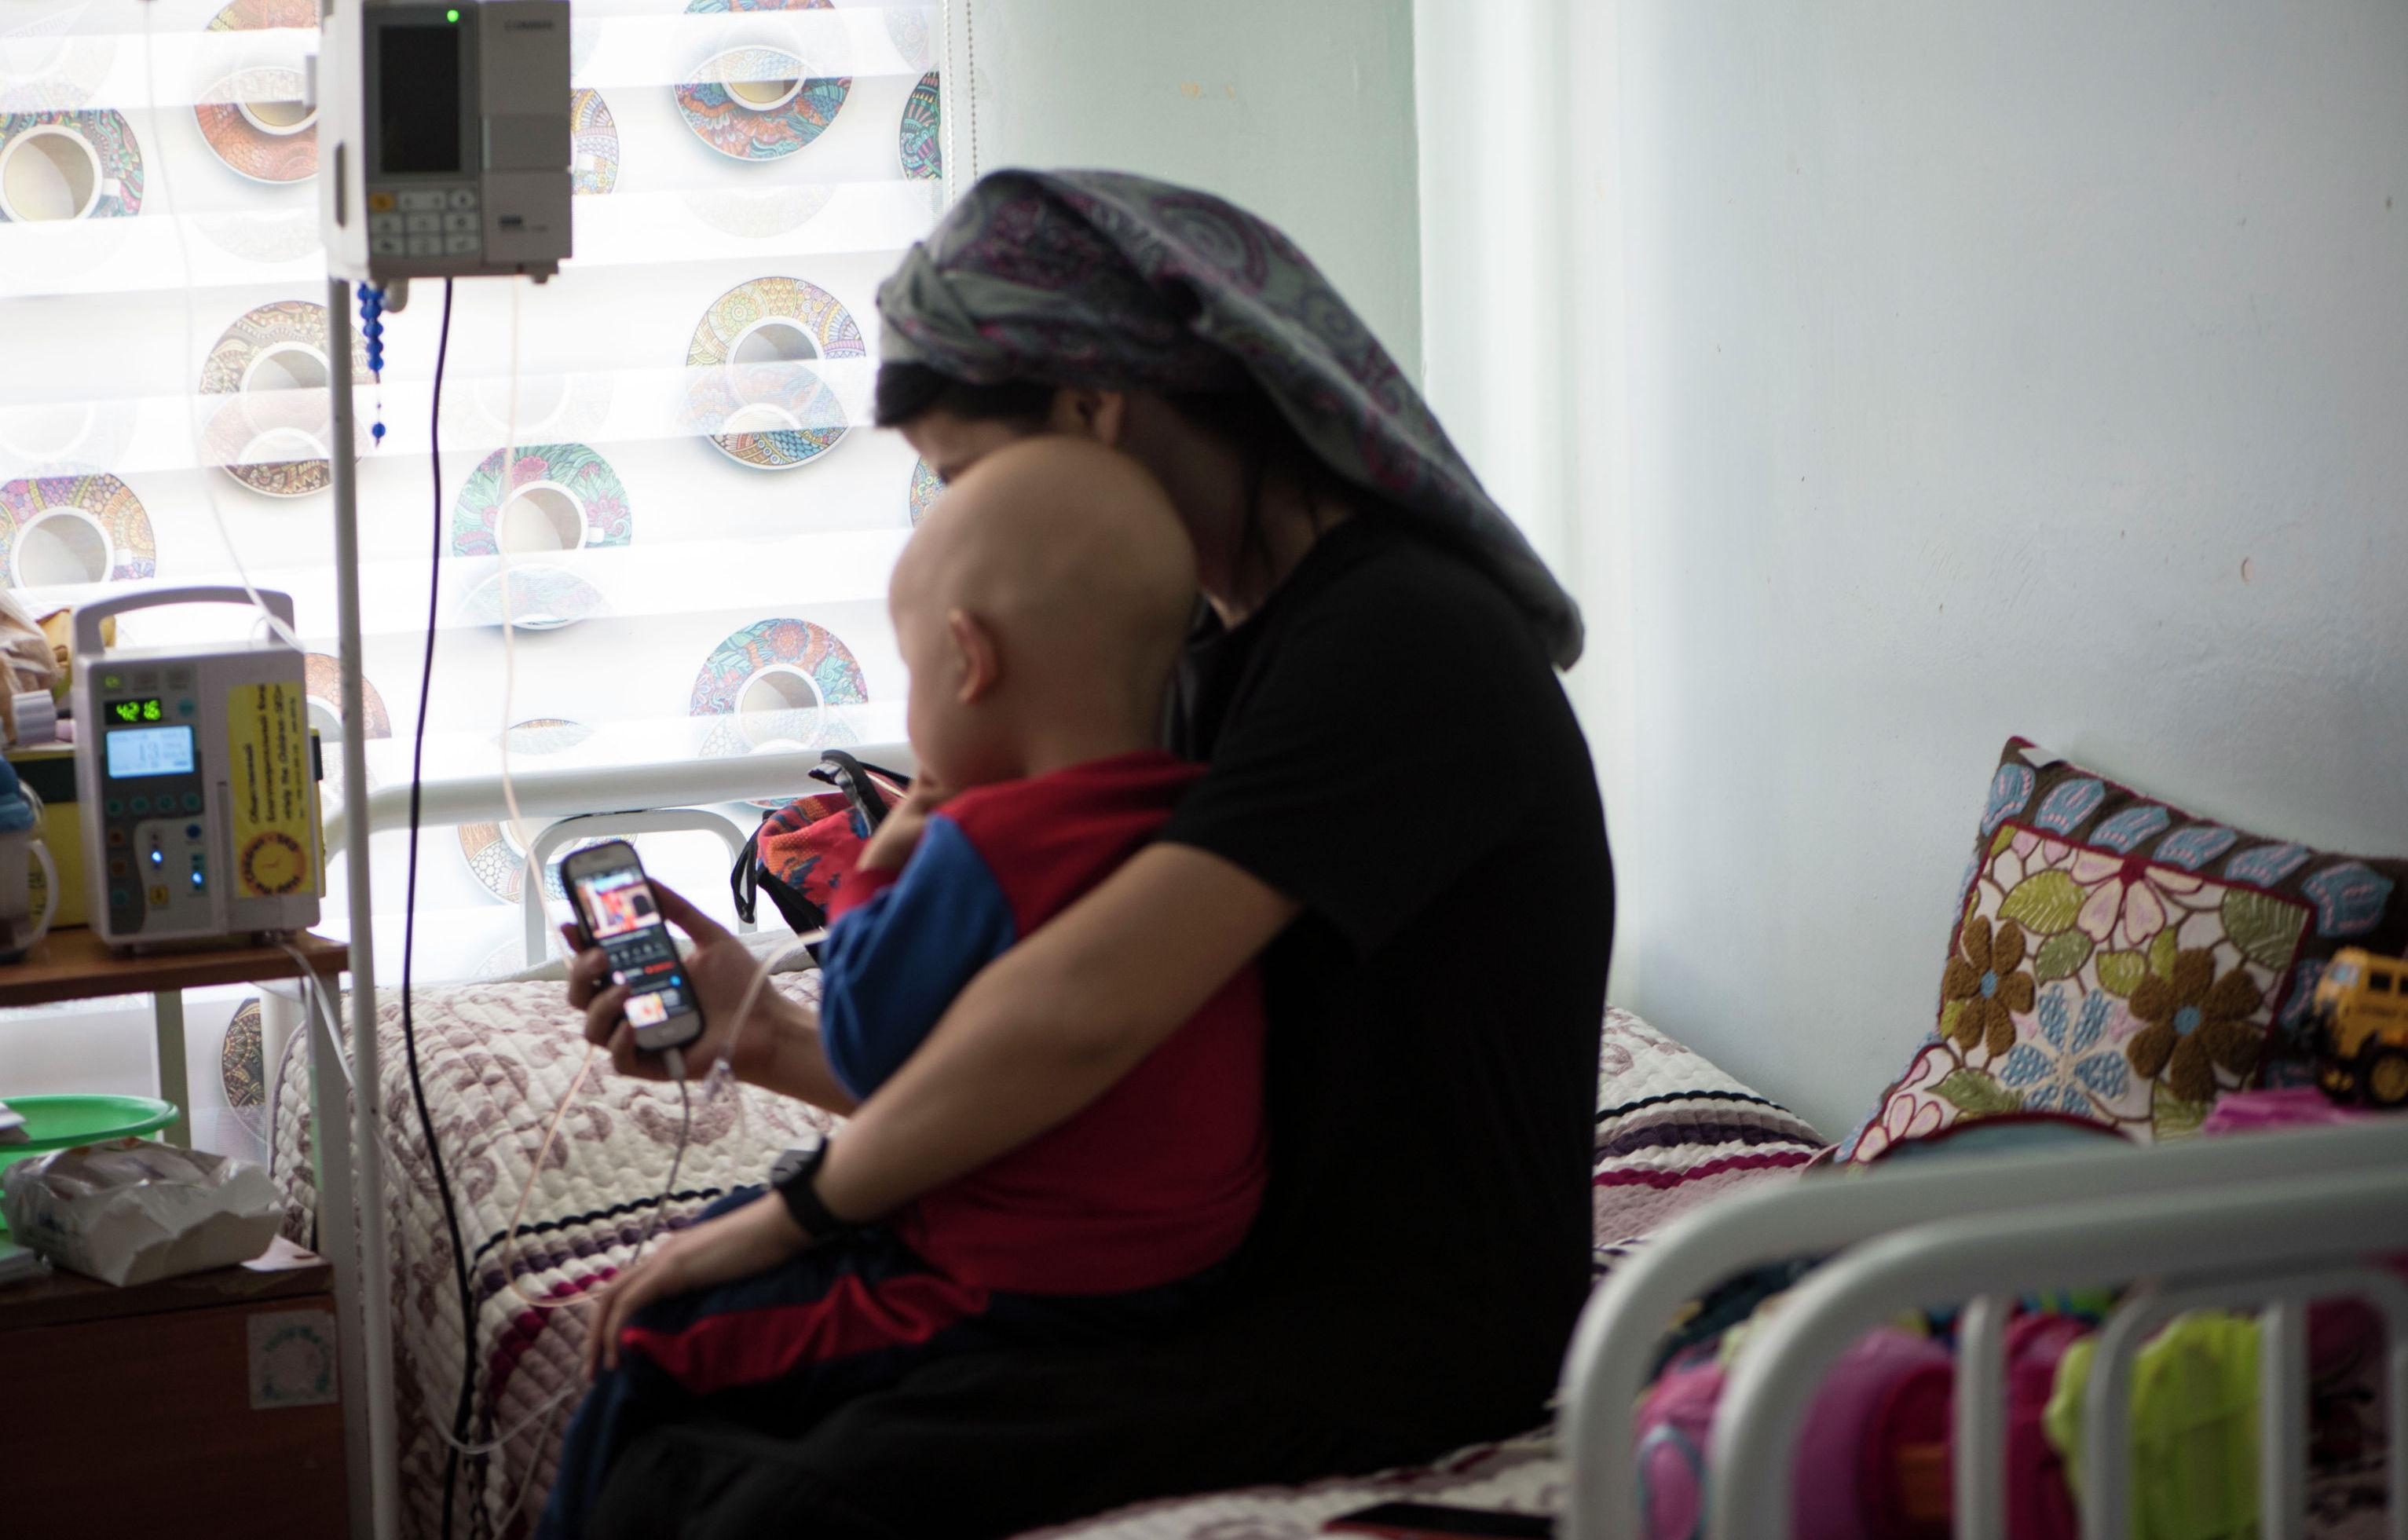 Кыргызстанка Аида Жолдошбекова с сыном Медером, который страдает нейробластомой(высокозлокачественная опухоль)